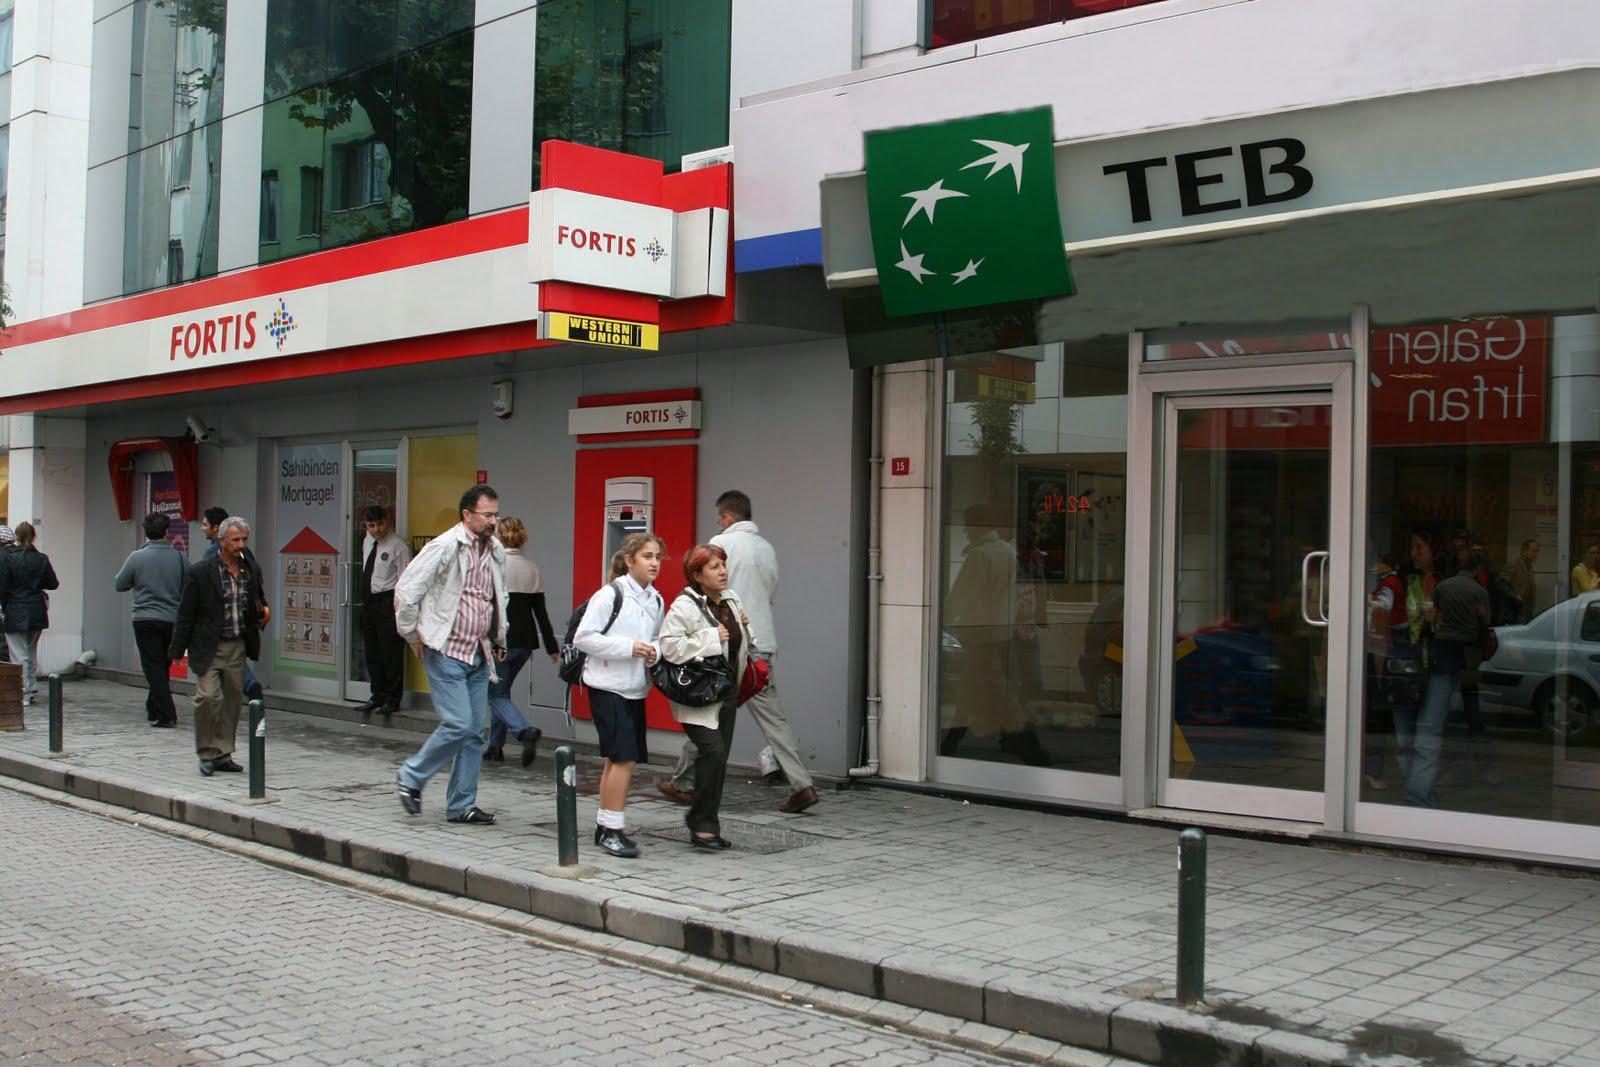 Teb Bankası En Yüksek Vadeli Faiz Oranı Nedir ?